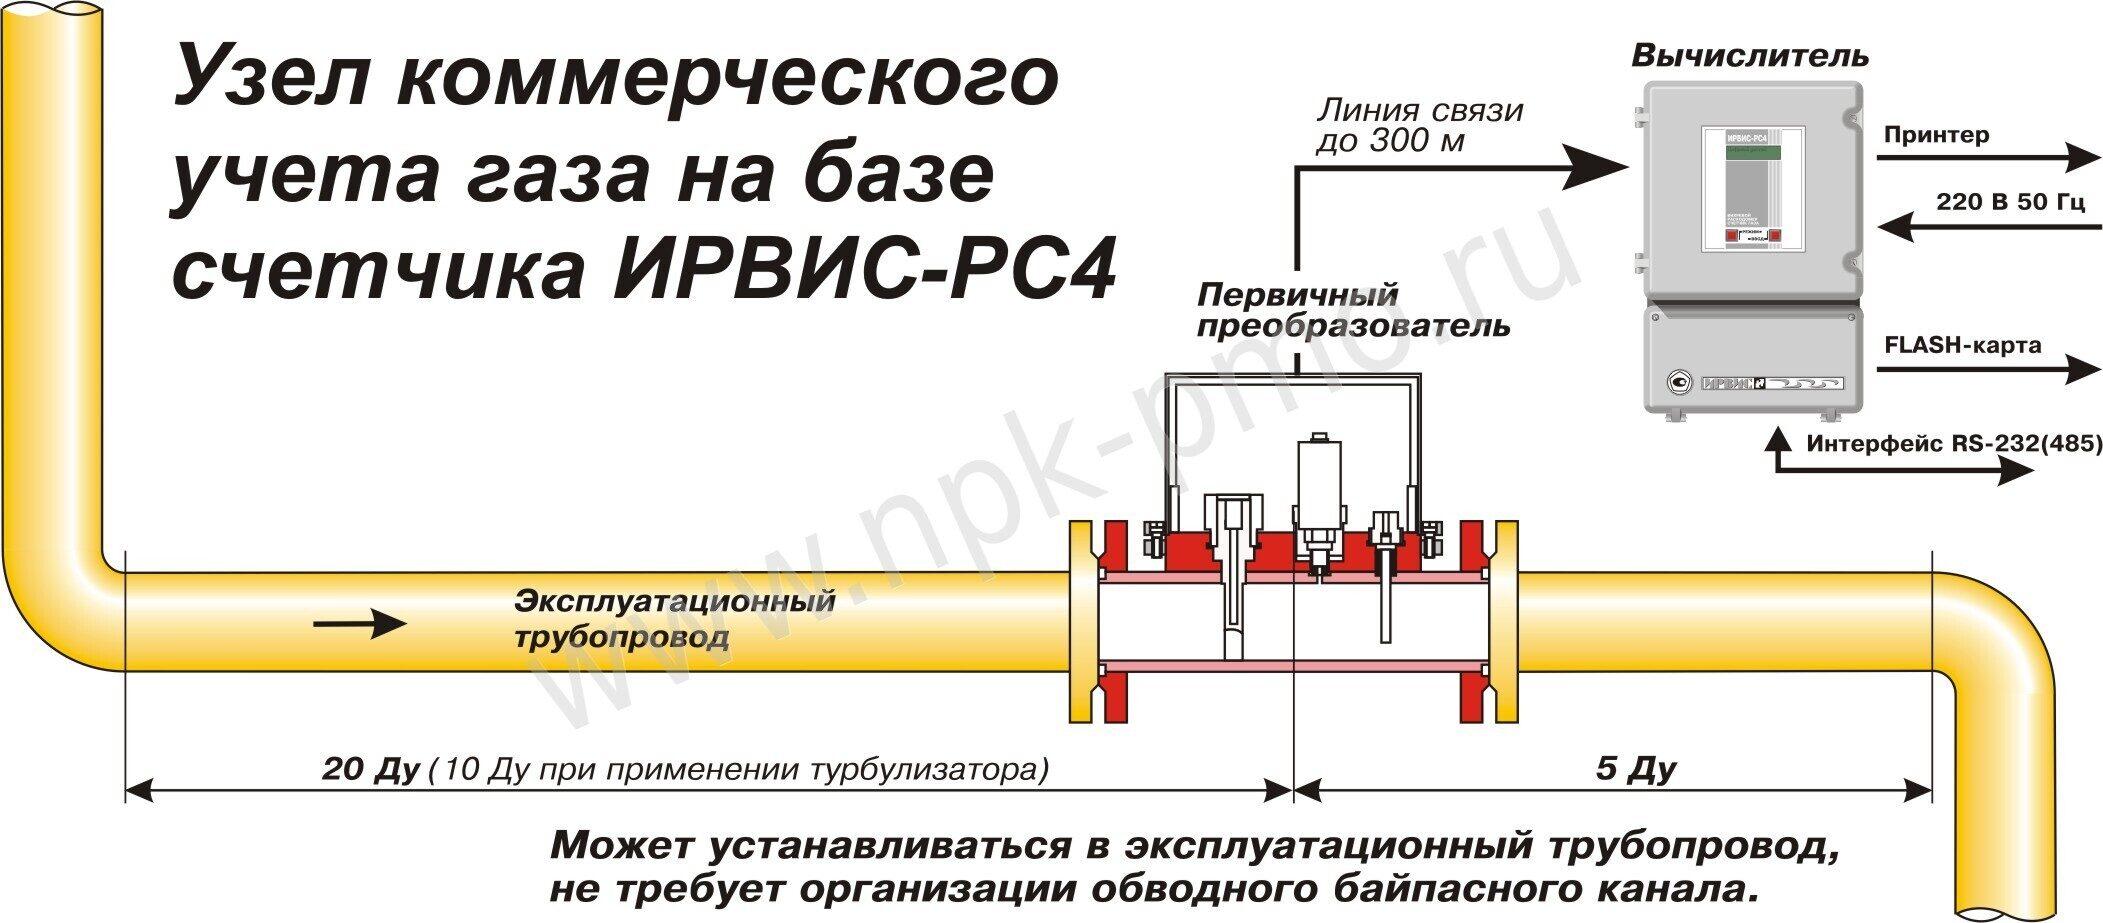 Переделка ирвис к300 схема